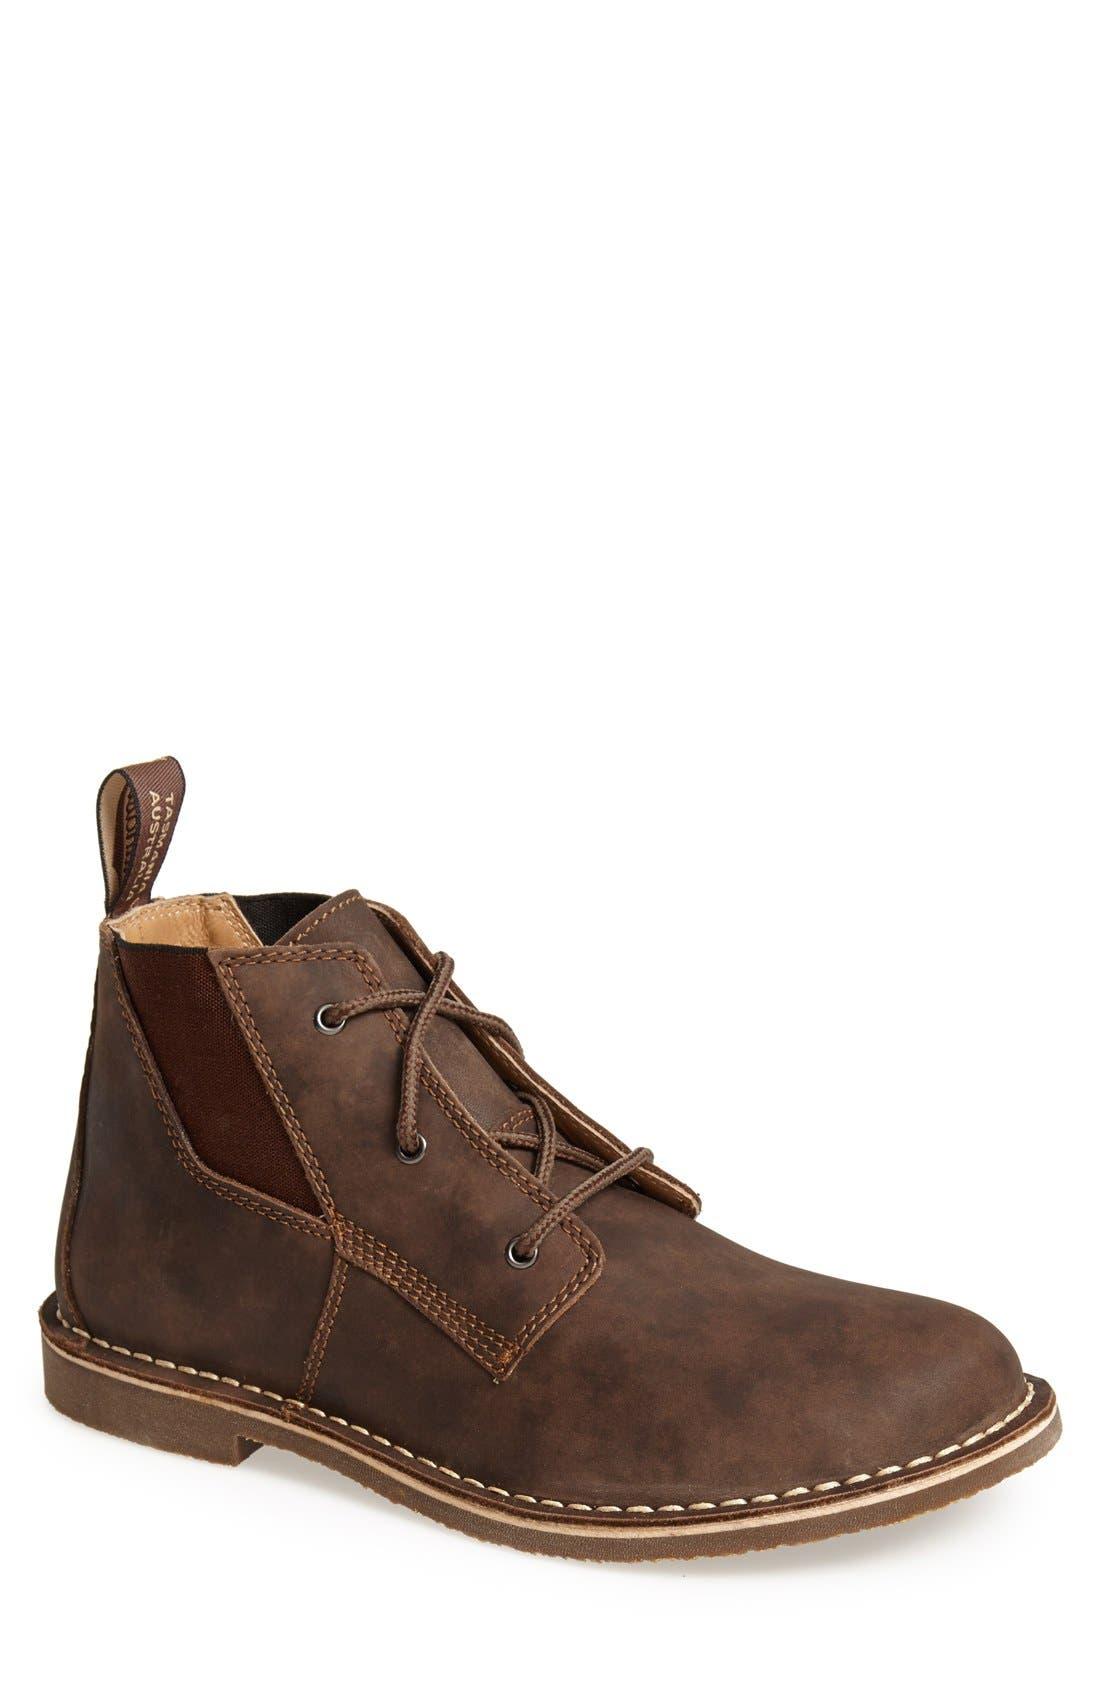 BLUNDSTONE Footwear Chukka Boot